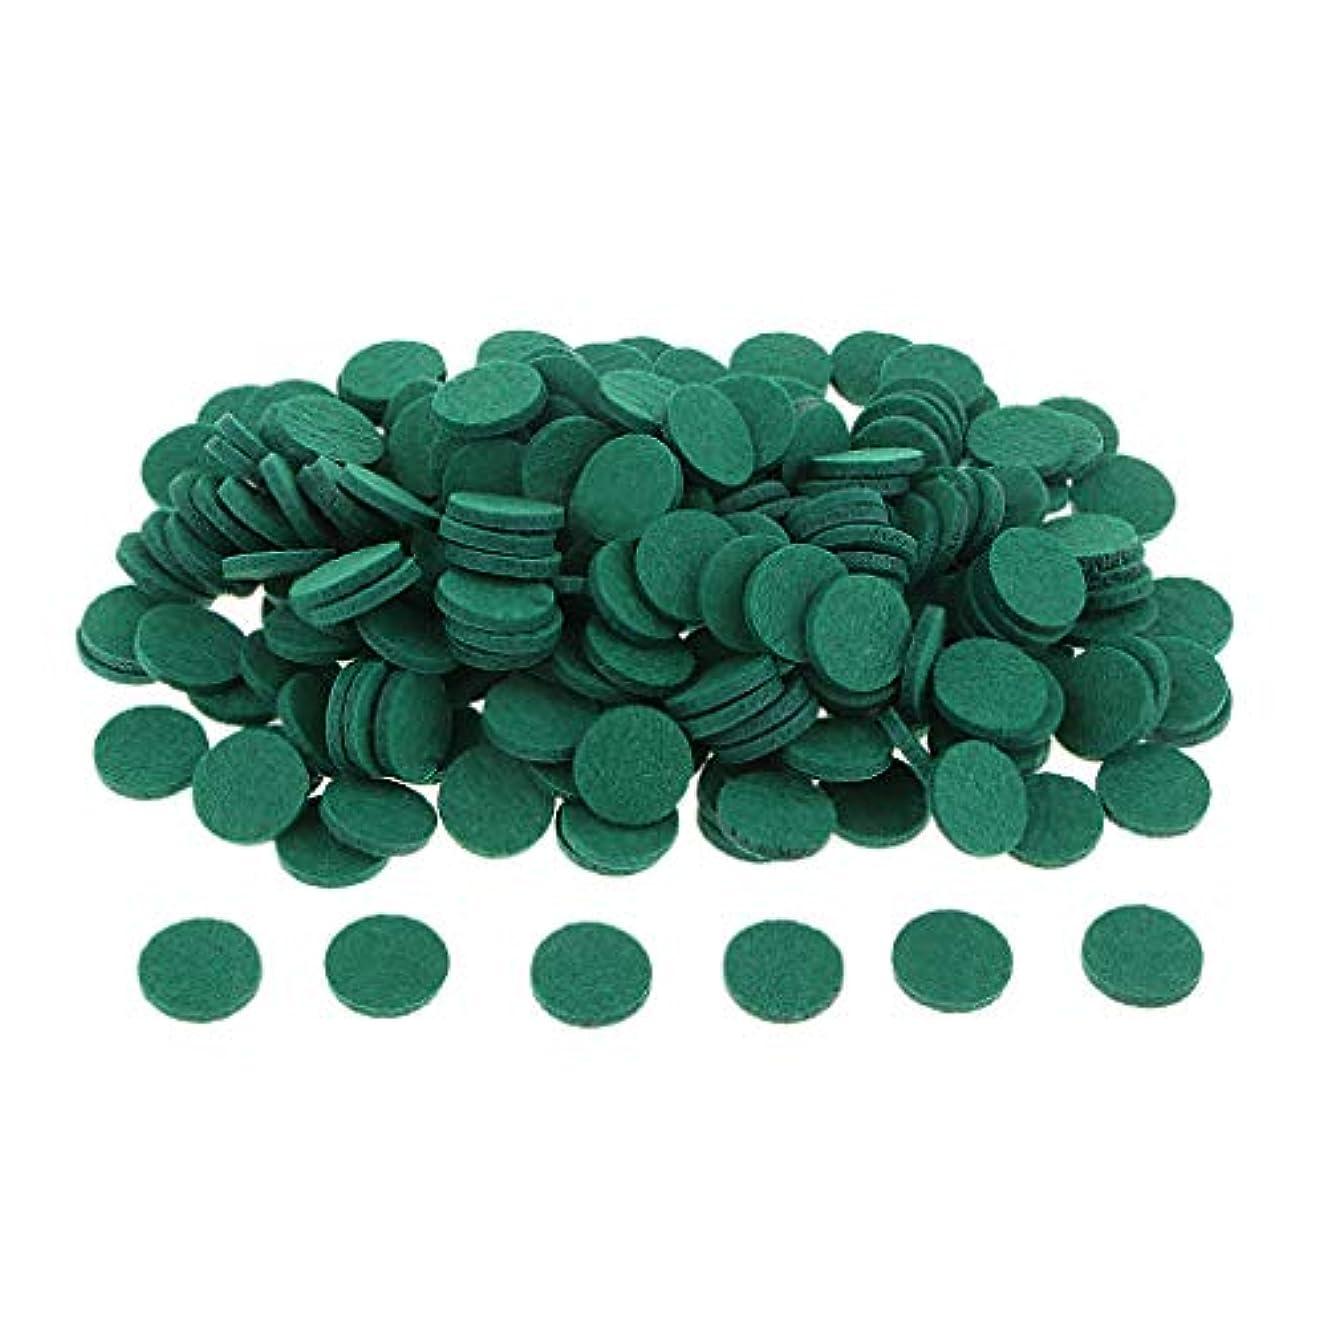 執着相対サイズジョイントgazechimp 約200個入り 詰め替えパッド アロマオイルパッド パッド 詰め替え エッセンシャルオイル 部屋 全11色 - 緑